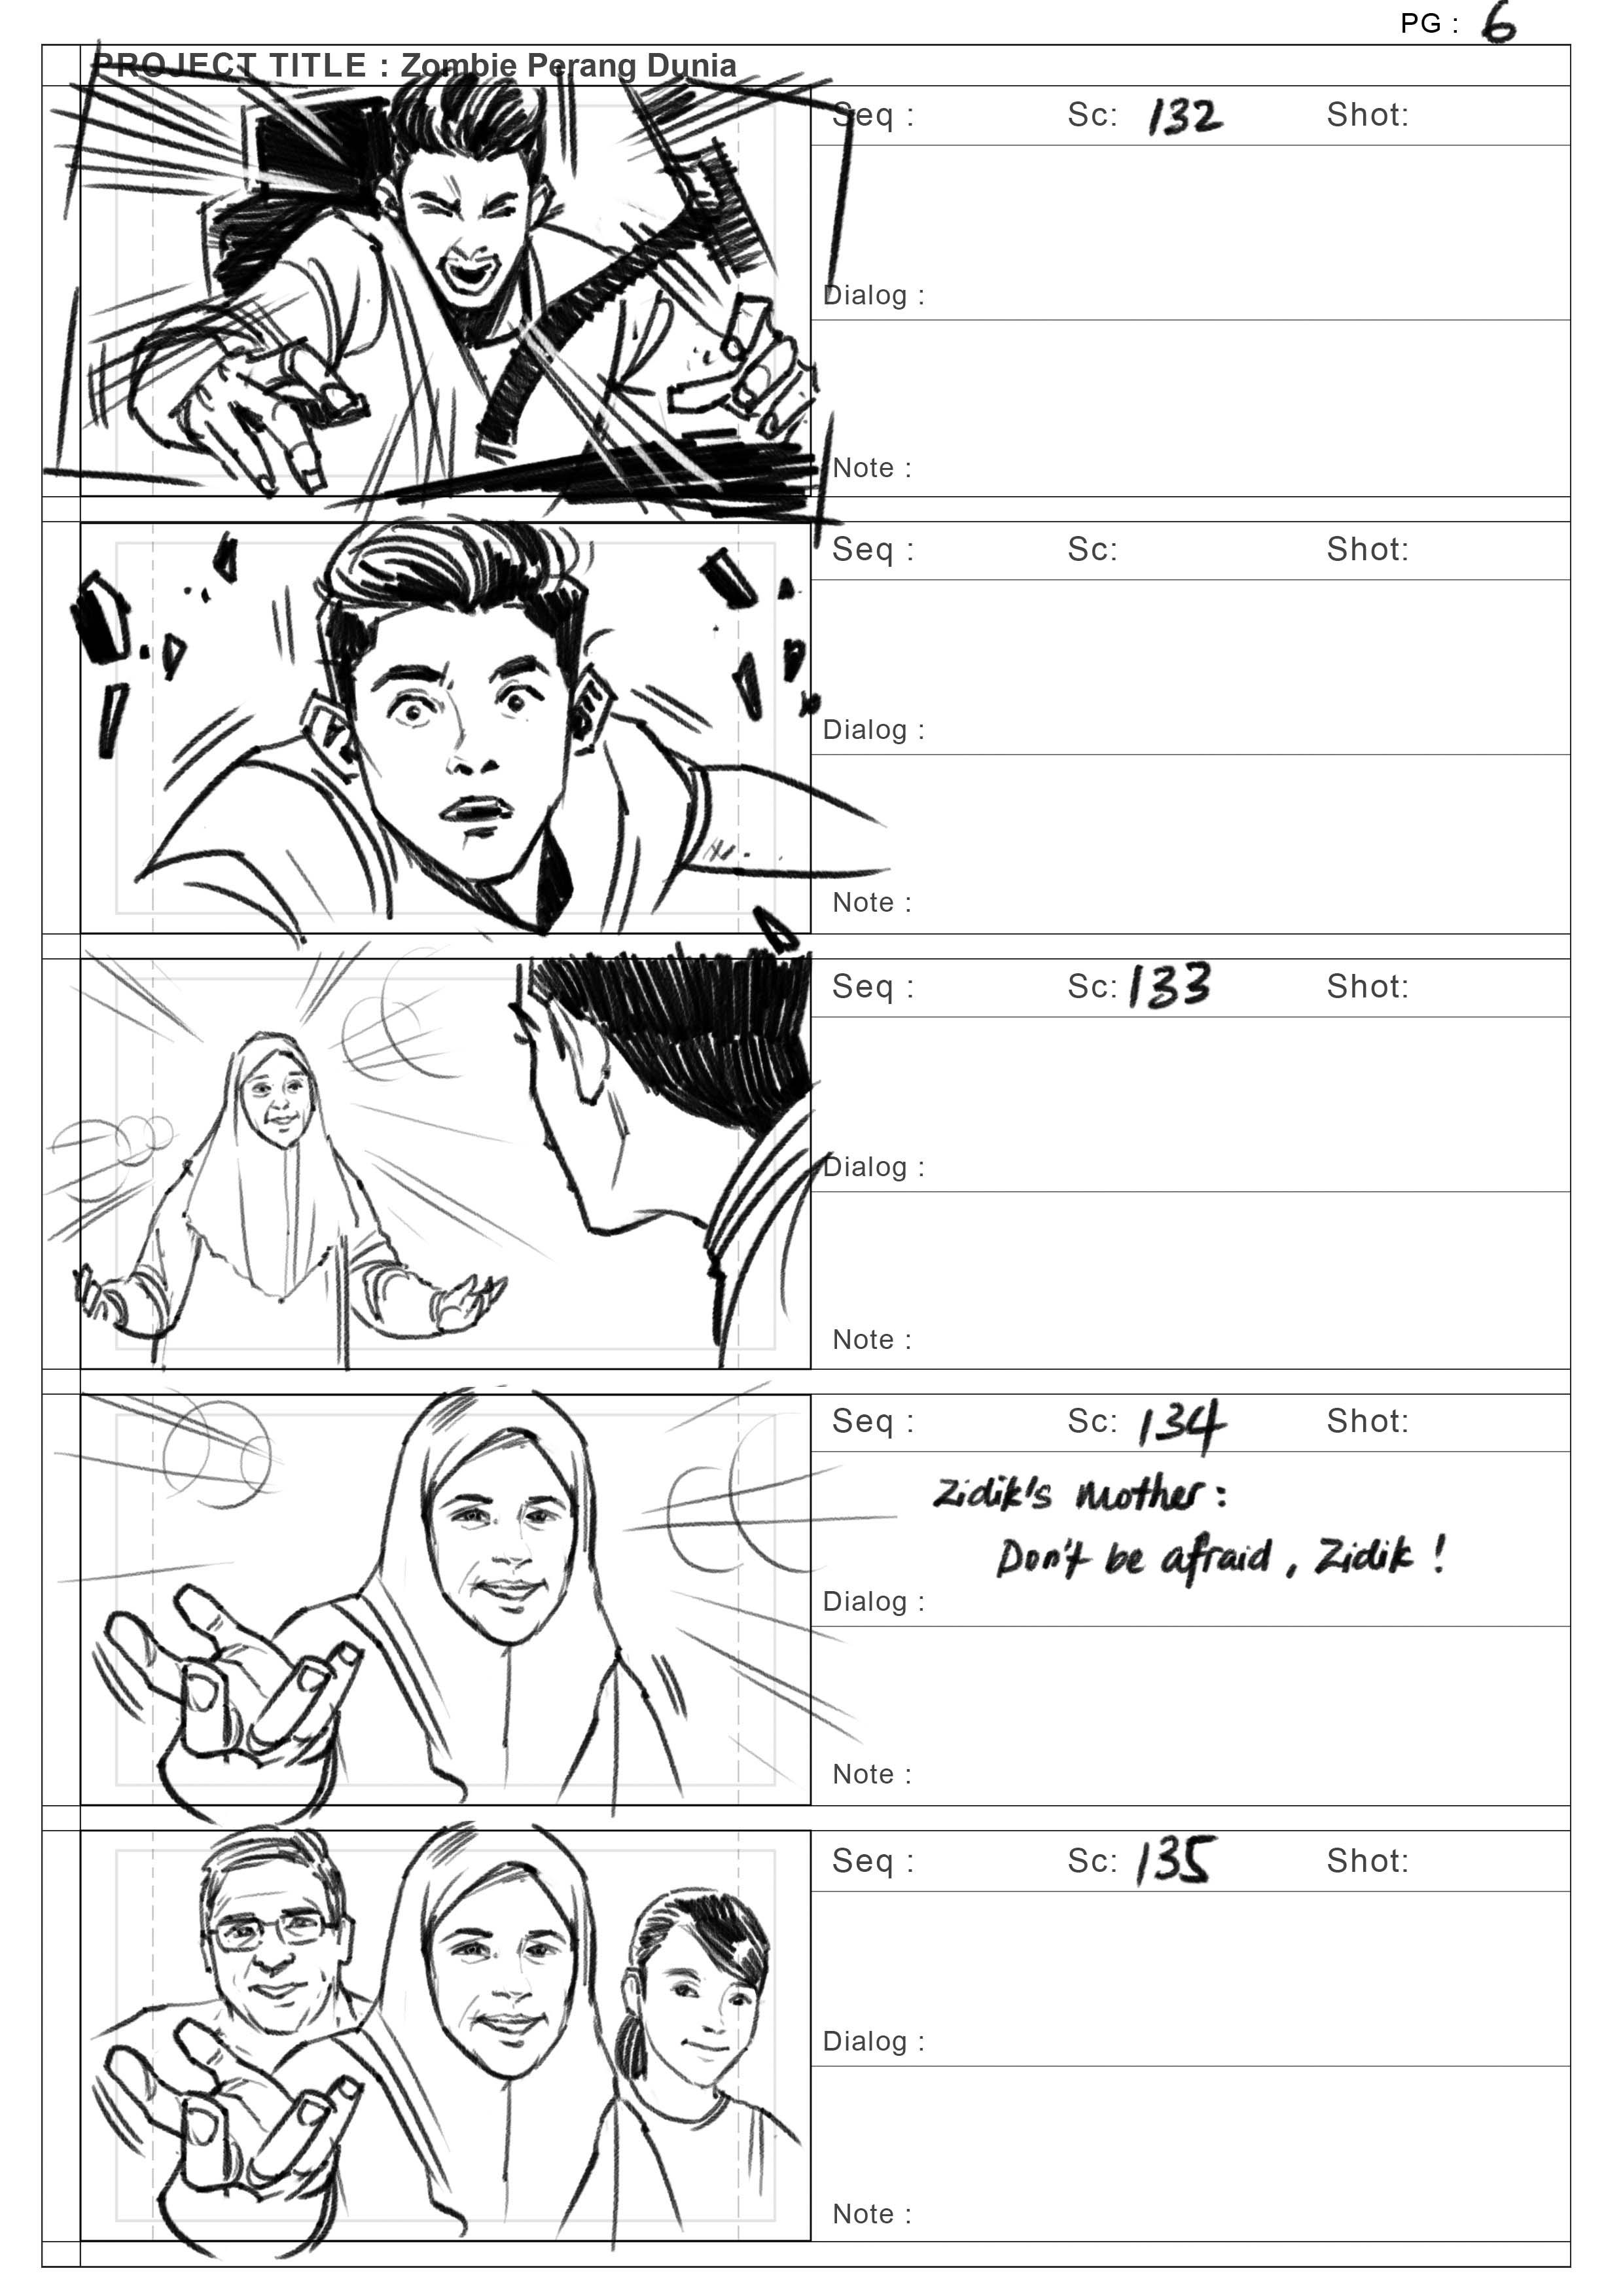 ZPD_Storyboard_06 copy